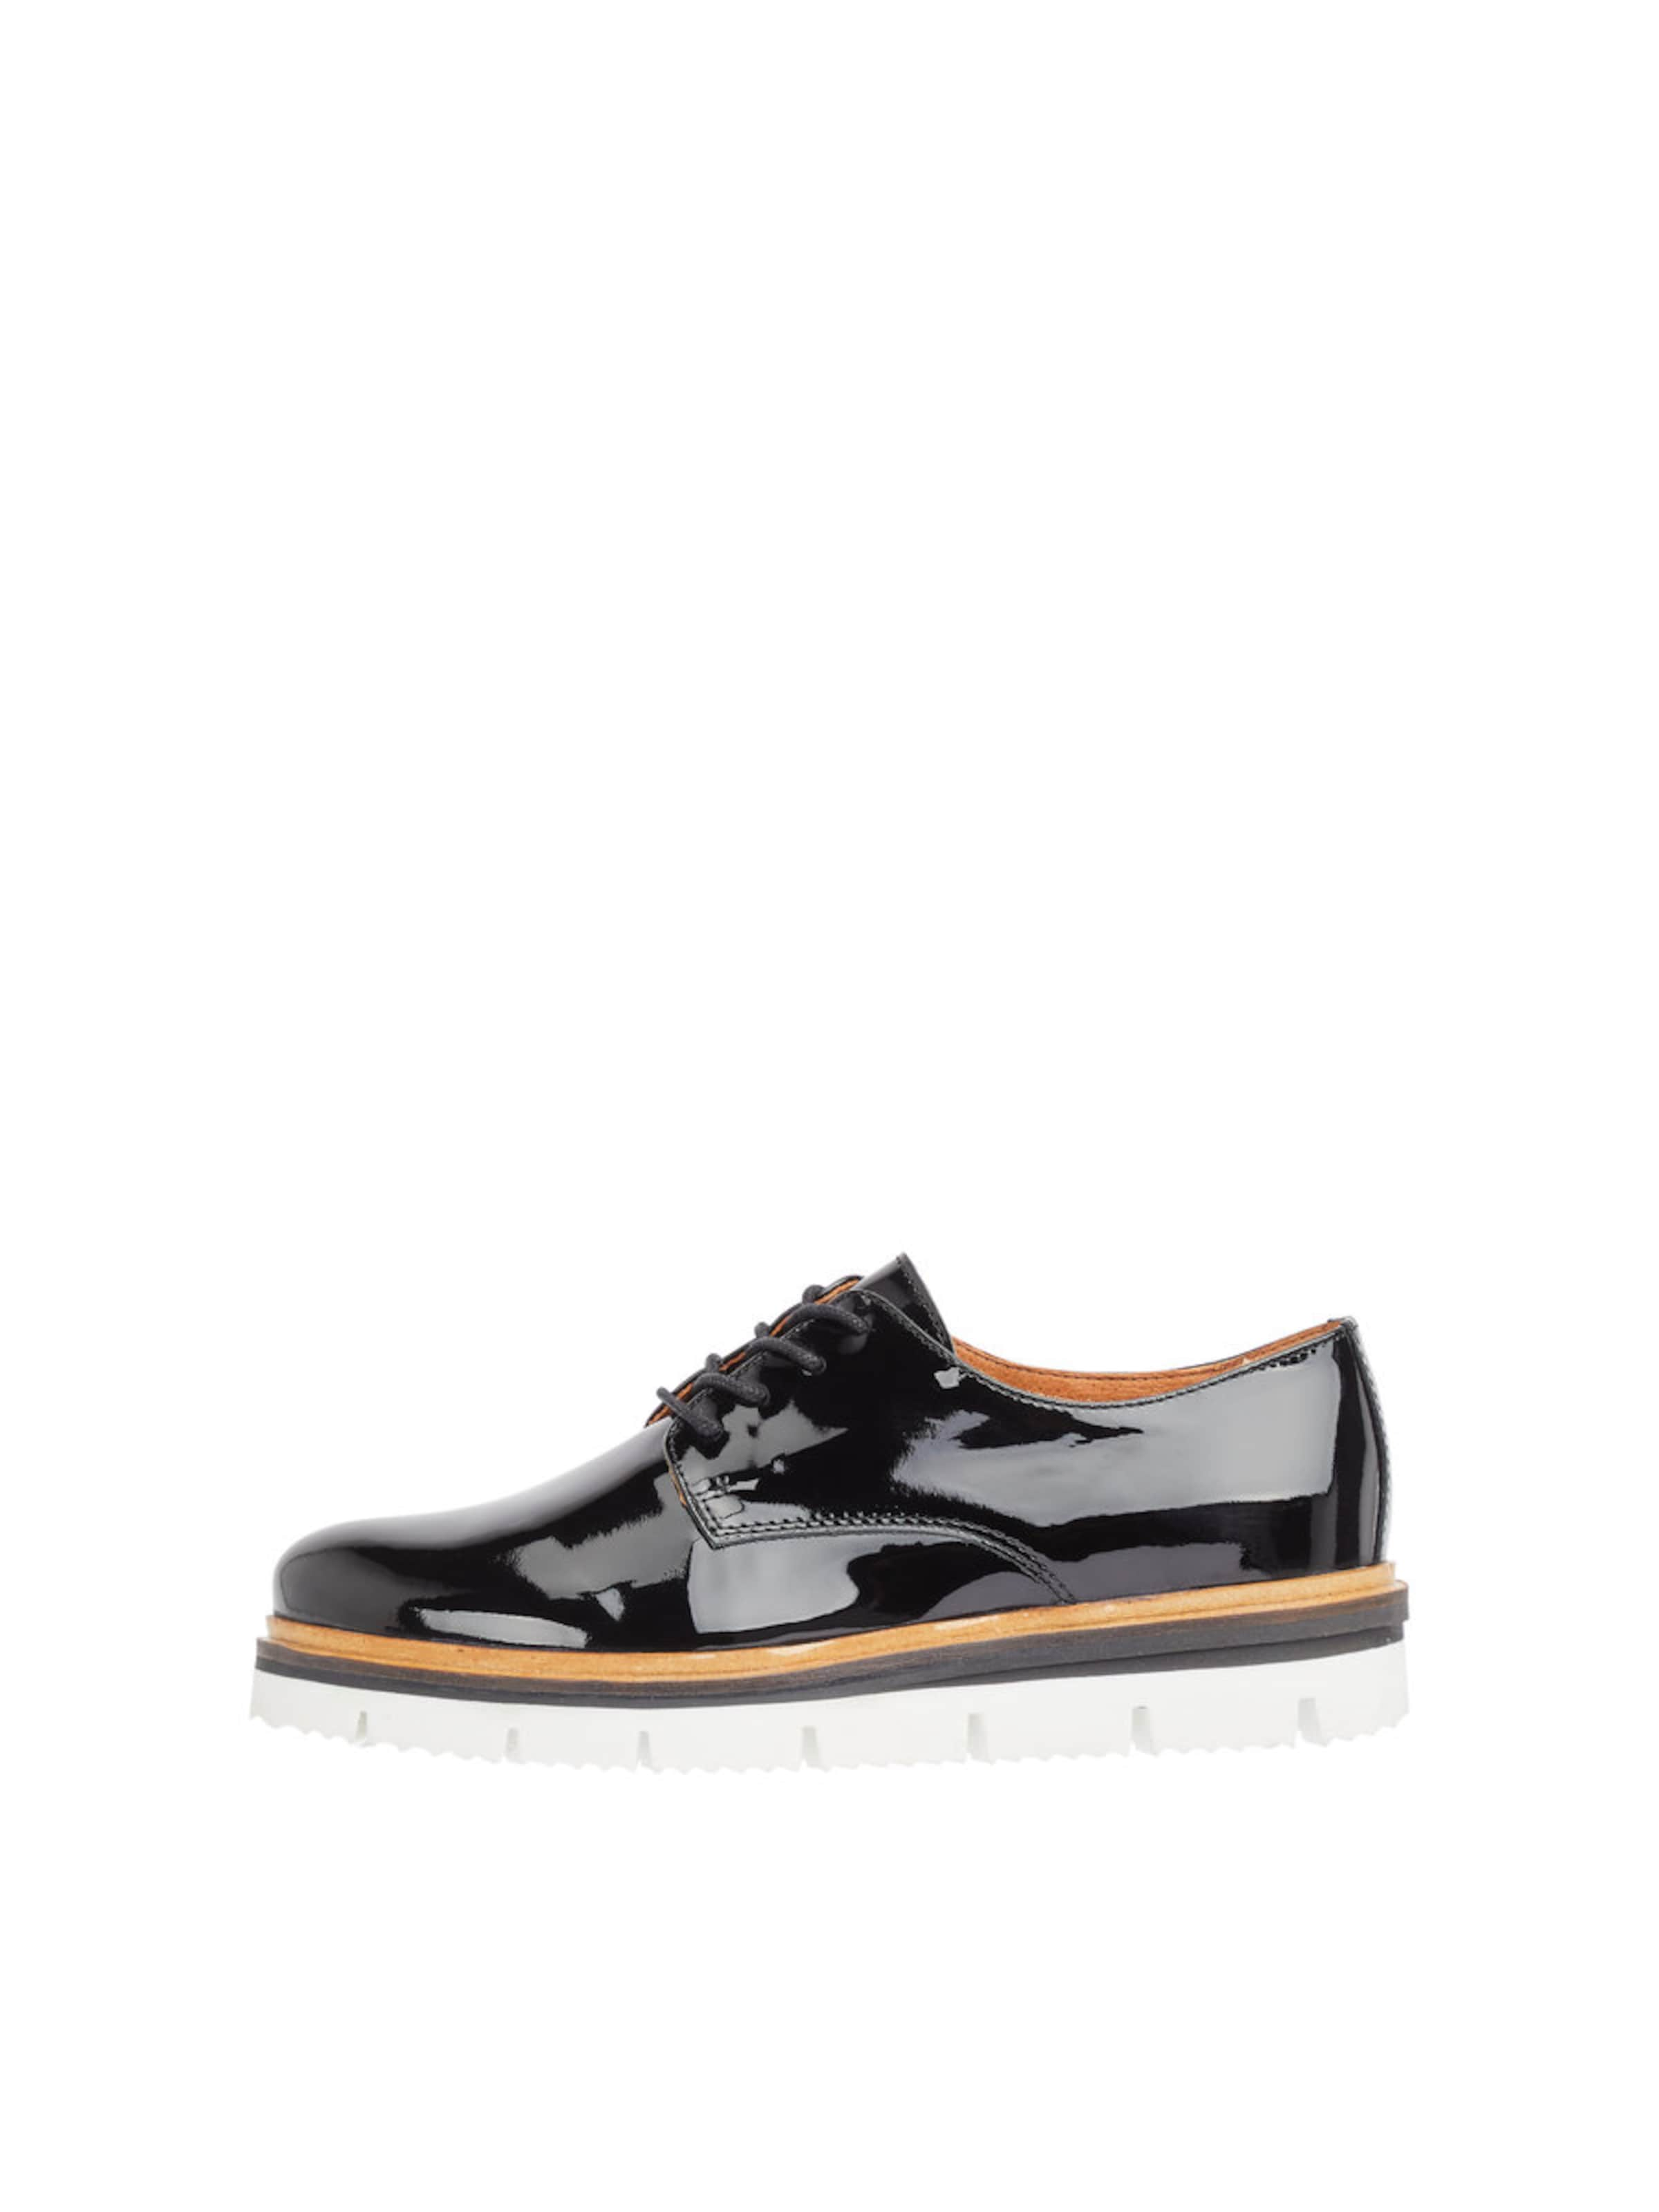 Bianco Schuhe Verschleißfeste billige Schuhe Hohe Qualität